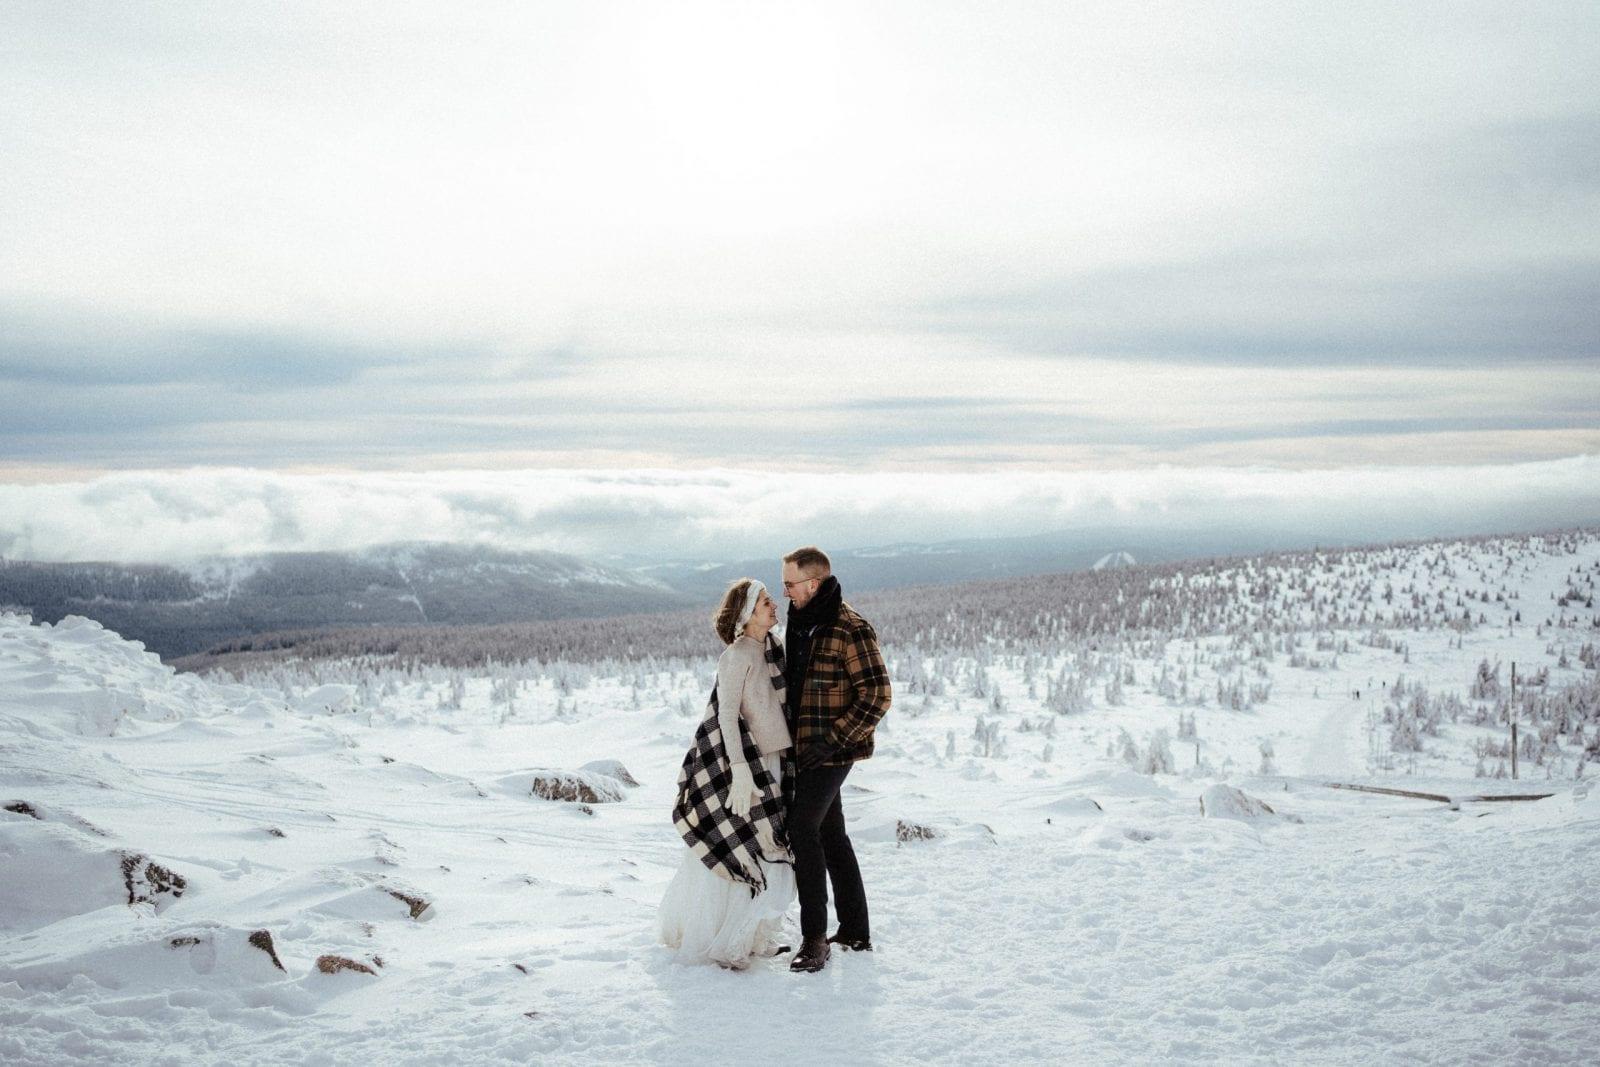 Czym kierować się przy wyborze fotografa, Gdzie szukać fotografa, Jak poznać dobrego fotografa, Jak wybrać fotografa na ślub, Jakiego wybrać fotografa Jak wybrać fotografa na wesele